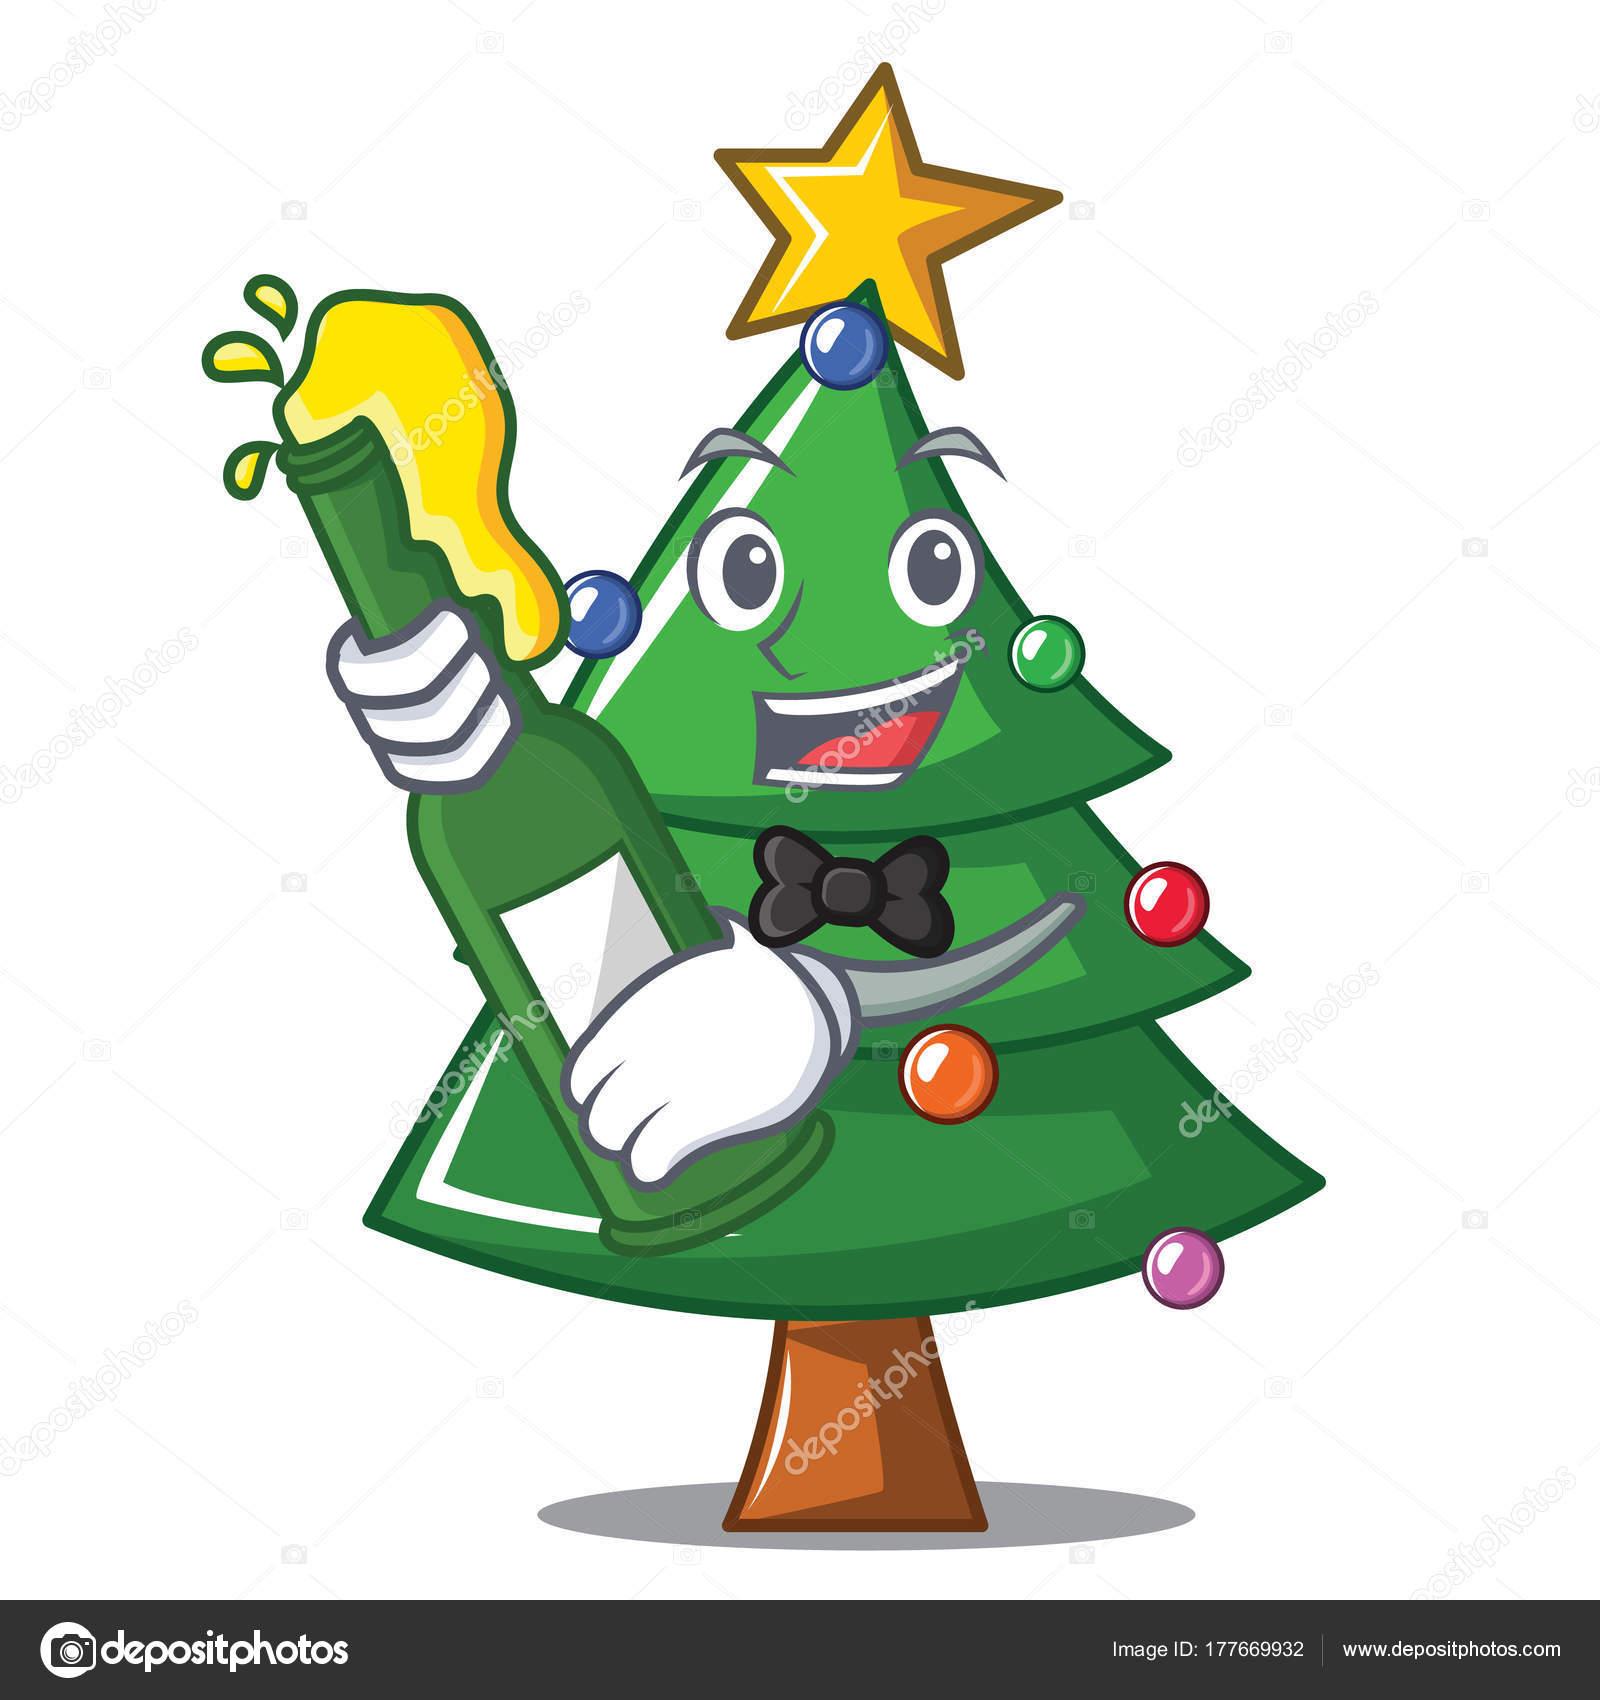 Bier Weihnachtsbaum.Mit Bier Weihnachtsbaum Charakter Cartoon Stockvektor Kongvector